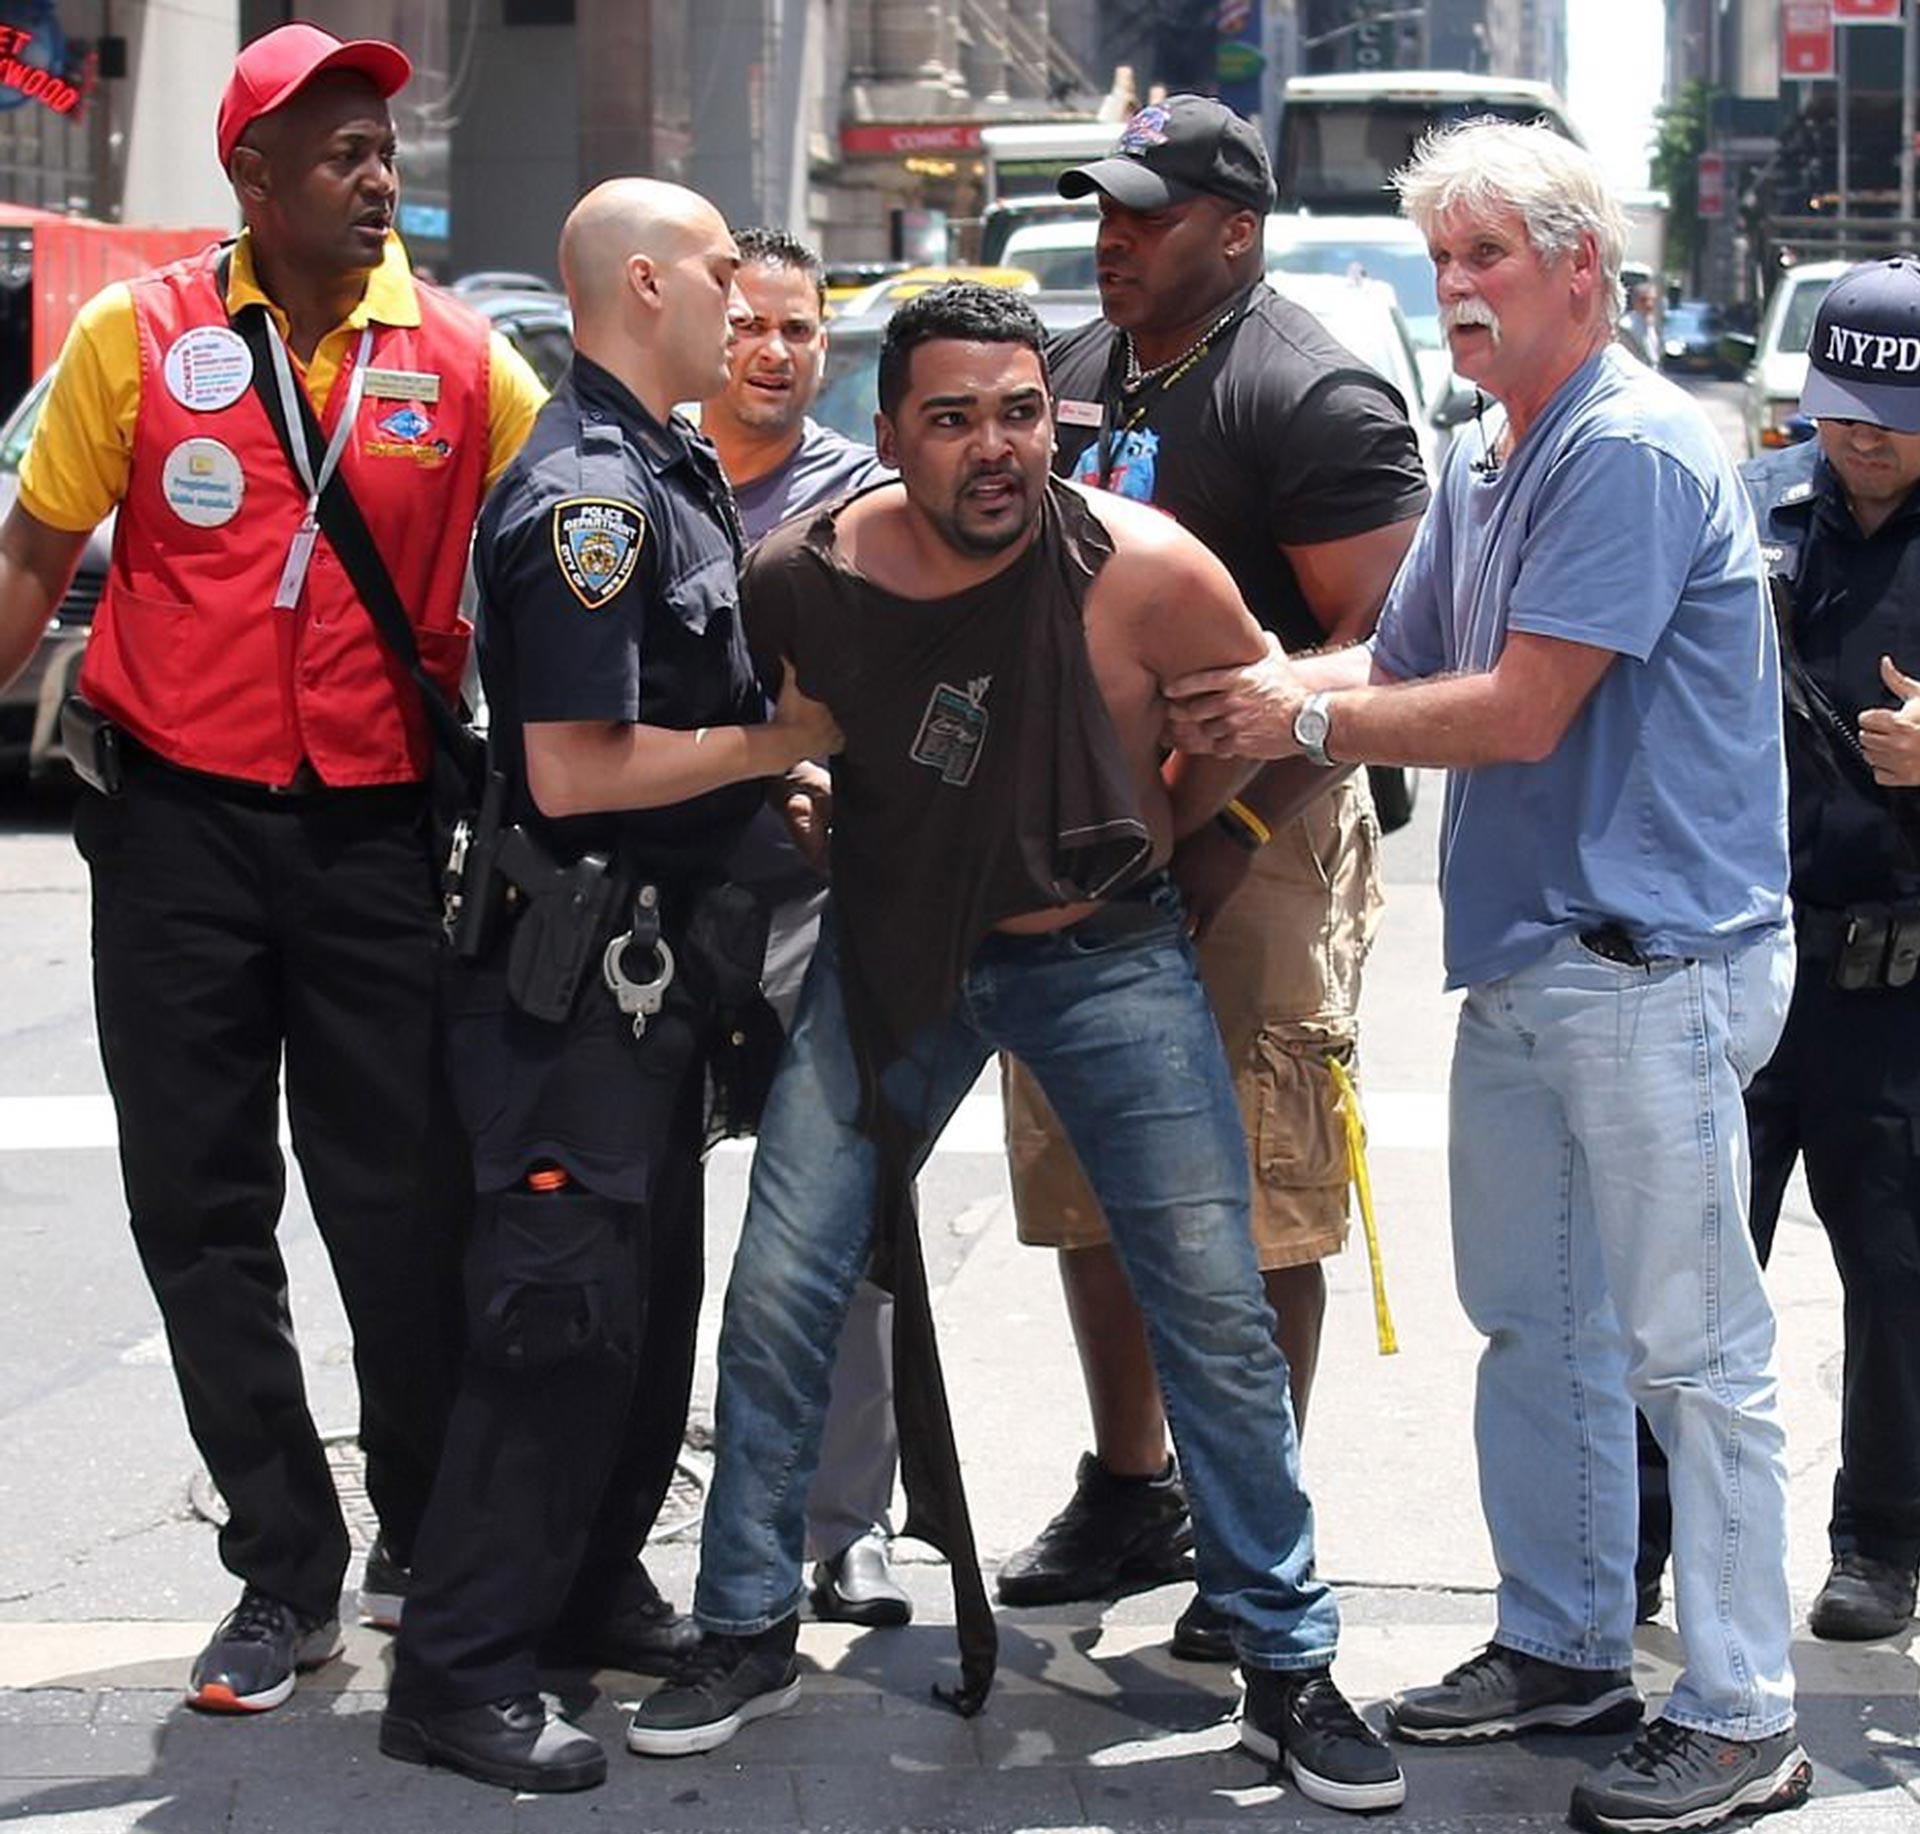 El conductor del automóvil fue identificado como Richard Rojas, un ex militar con antecedentes penales